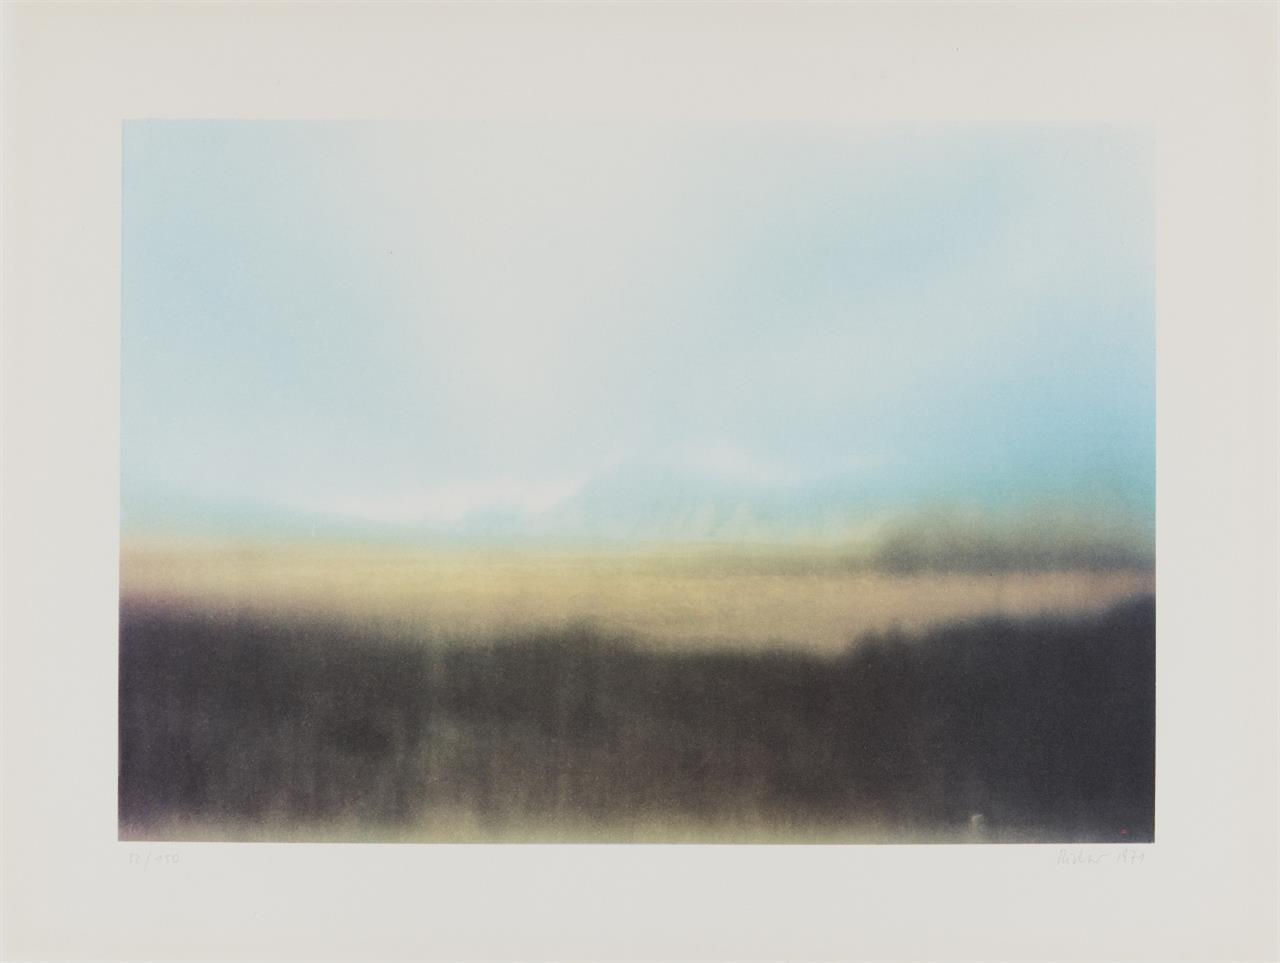 Gerhard Richter. Teydelandschaft. 1971. Farboffset. Signiert. Ex. 22/150. Butin 41. (Farbvariante ohne Rot)